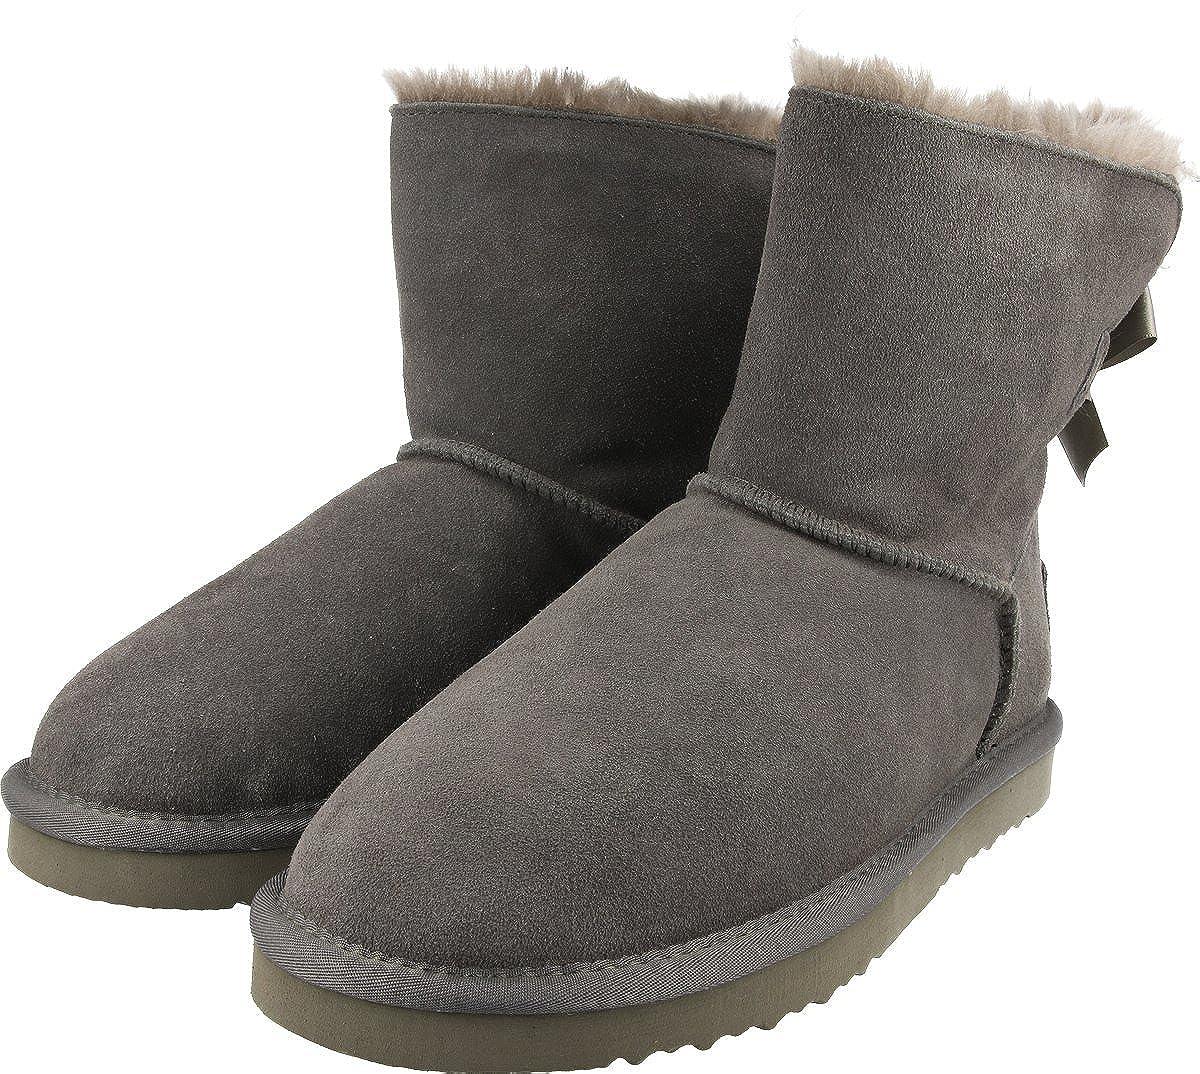 OOG Damen Leder Schlupfstiefel   warme warme warme gefütterte Single-Bow-Stiefel `Mini´ Stiefeletten   Winter-Schneestiefel mit einer Schleife 34e859